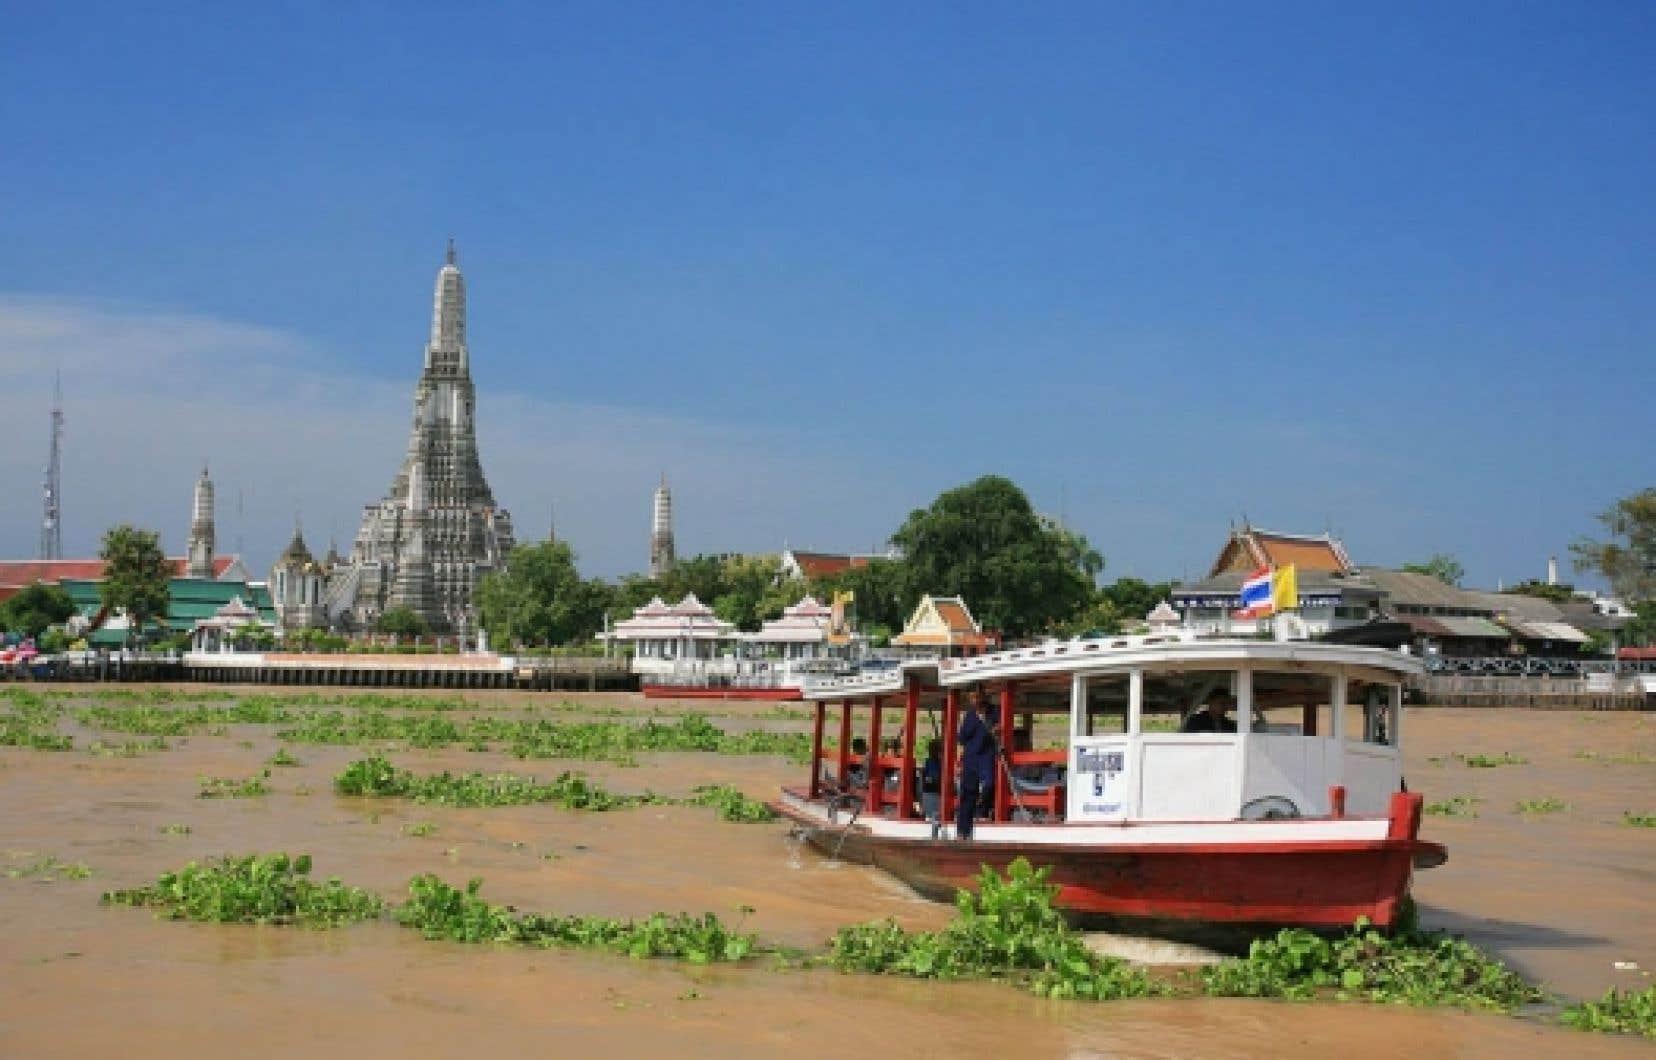 Une modeste embarcation touristique sillonne un grand cours d'eau marécageux en marge du centre de Bangkok. En arrière-plan, Wat Arun, le temple de l'Aube.